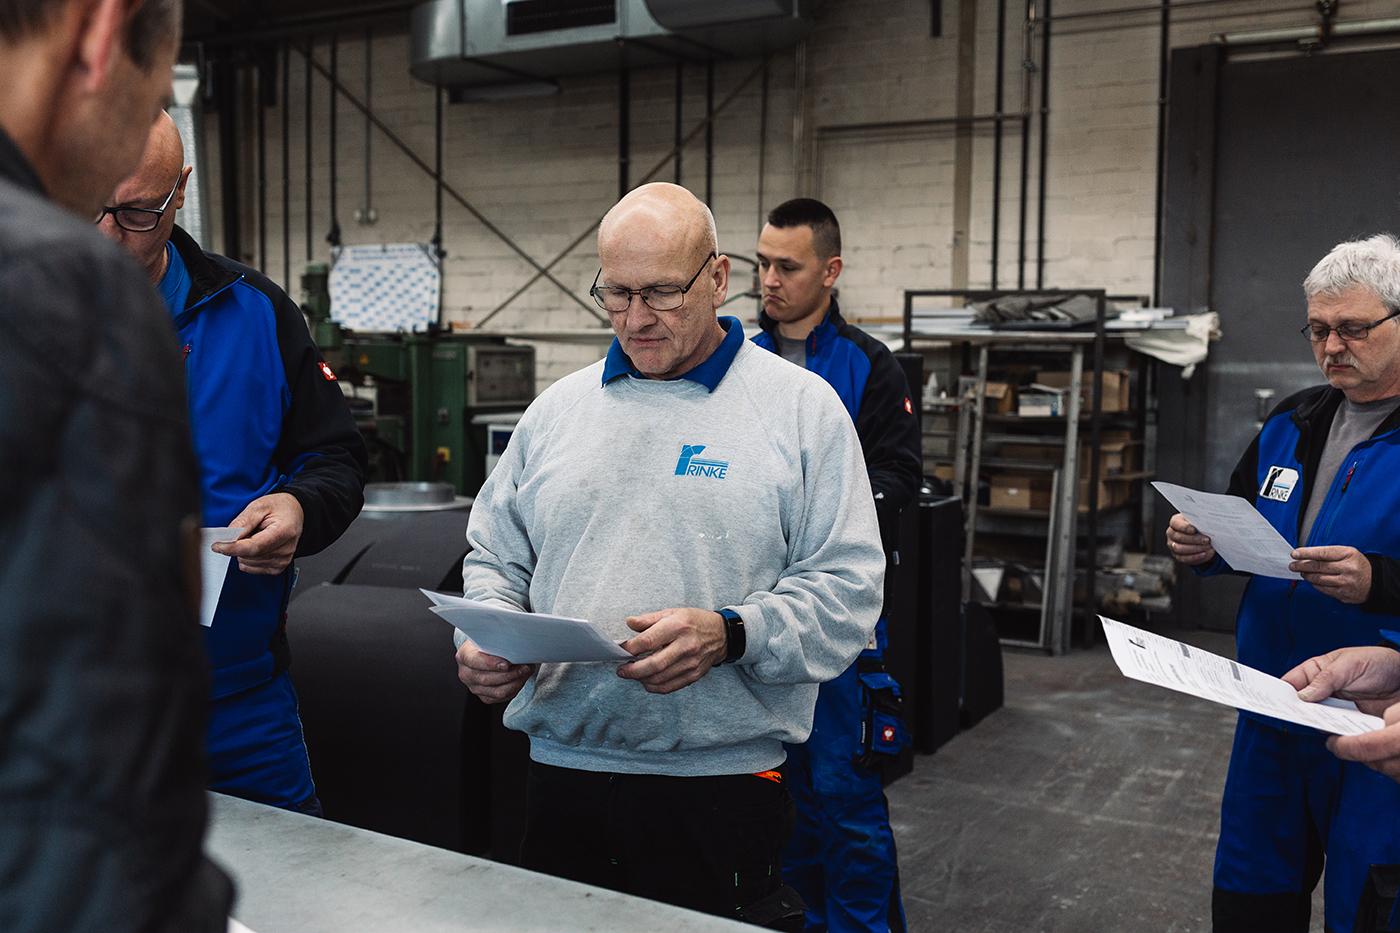 brandschutz-team-rinke-brandschutztechnik-profis-referenzen-kassel